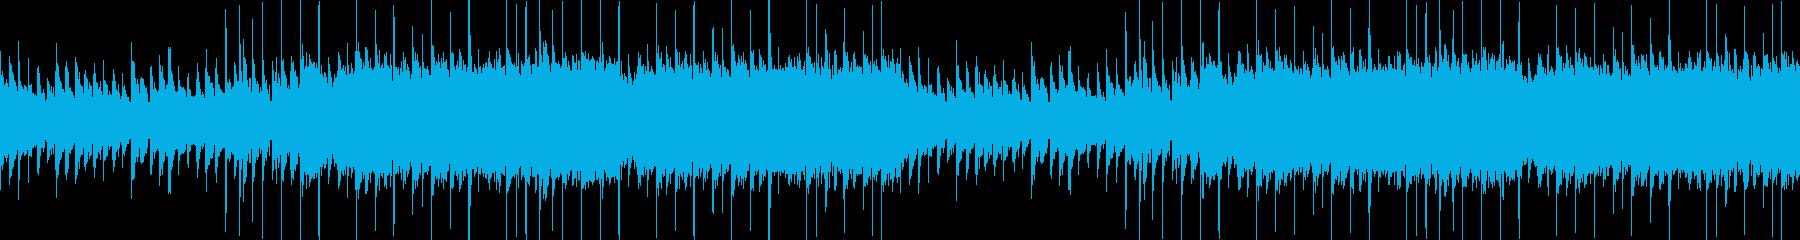 【ギター】日常 図書館【アコーディオン】の再生済みの波形